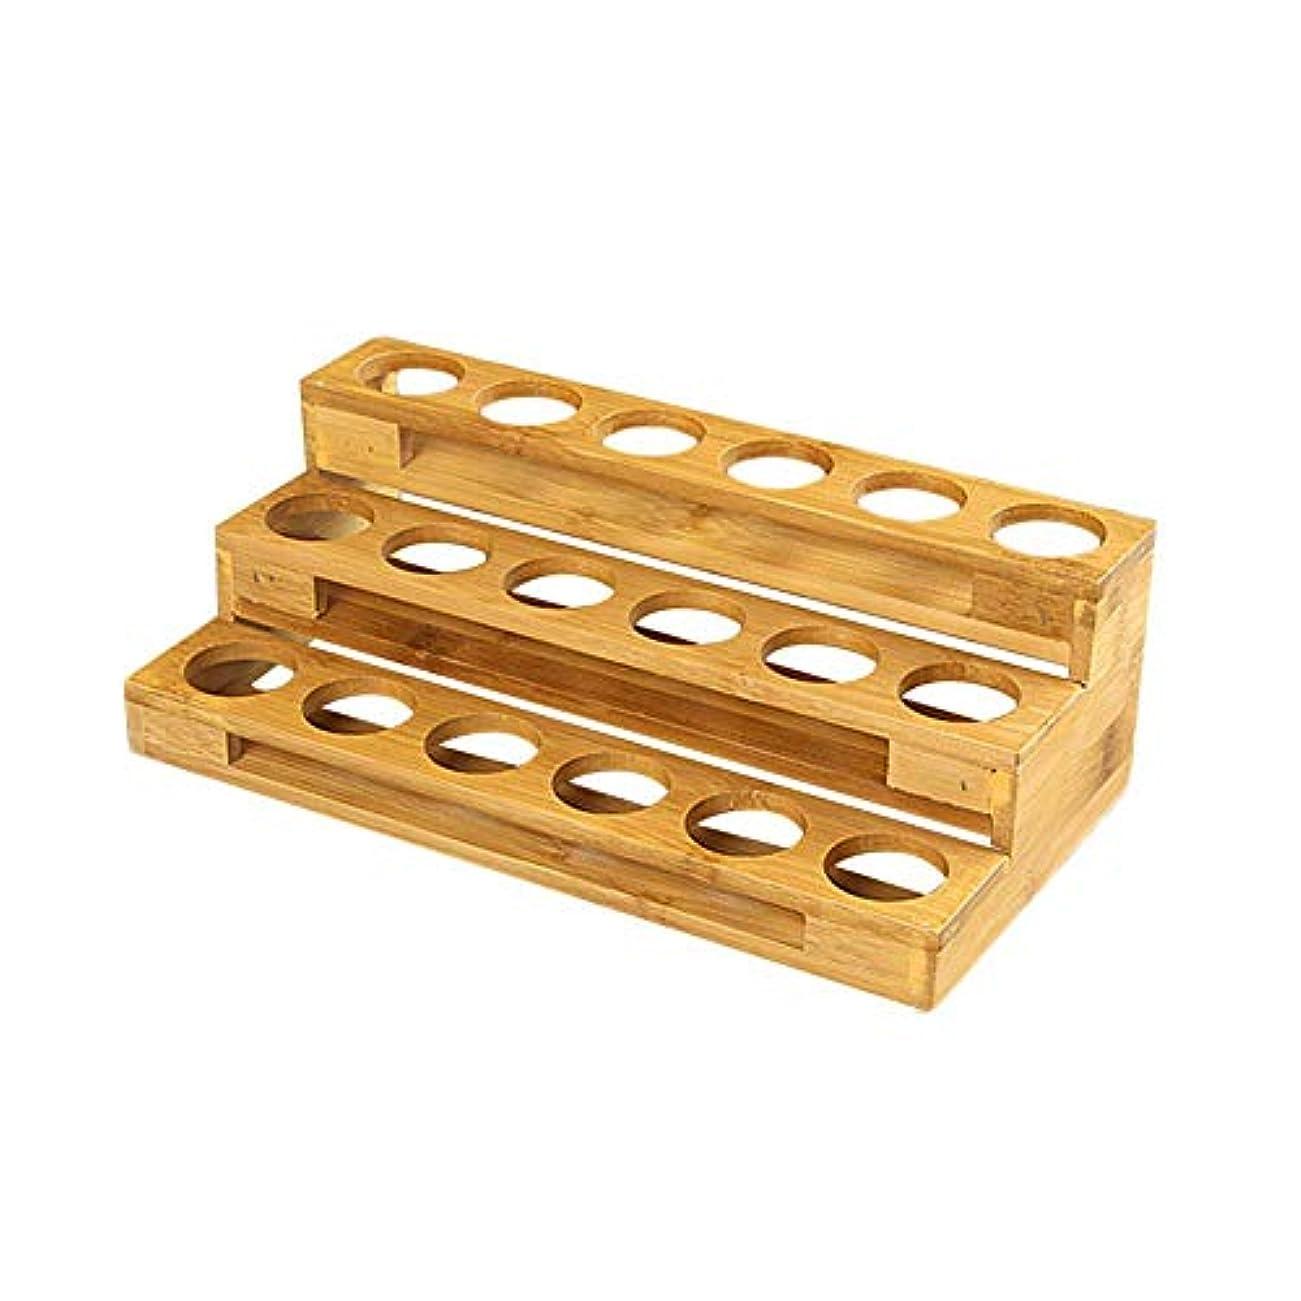 バラバラにする証明書発表するエッセンシャルオイル収納ボックス 自然木製 エッセンシャルオイルオイル 収納 ボックス 香水収納ケース はしごタイプ アロマオイル収納ボックス 18本用